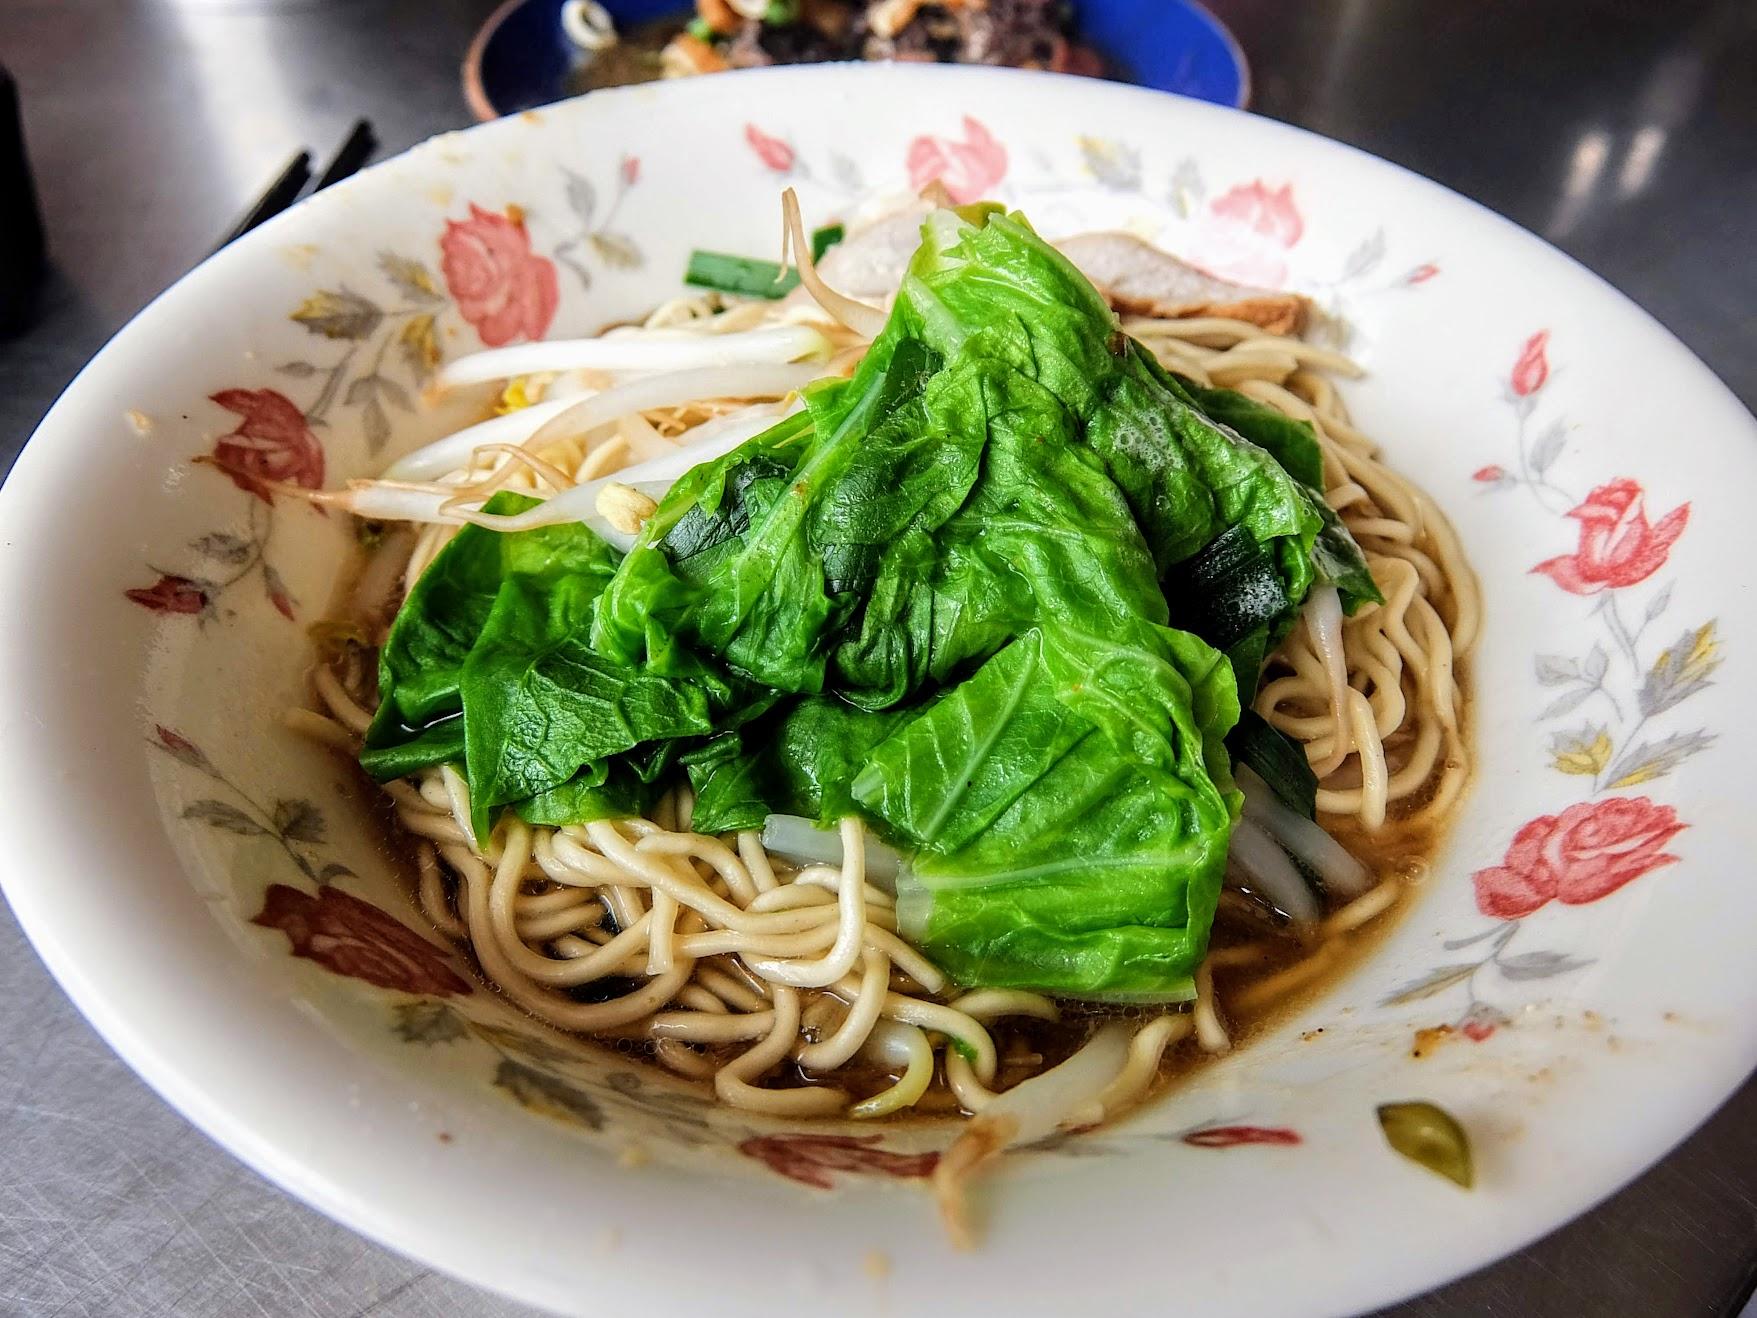 一般的陽春乾麵,跟上一碗差不多的料,差別在於湯汁,上面的是麻醬,這晚則是一般湯汁